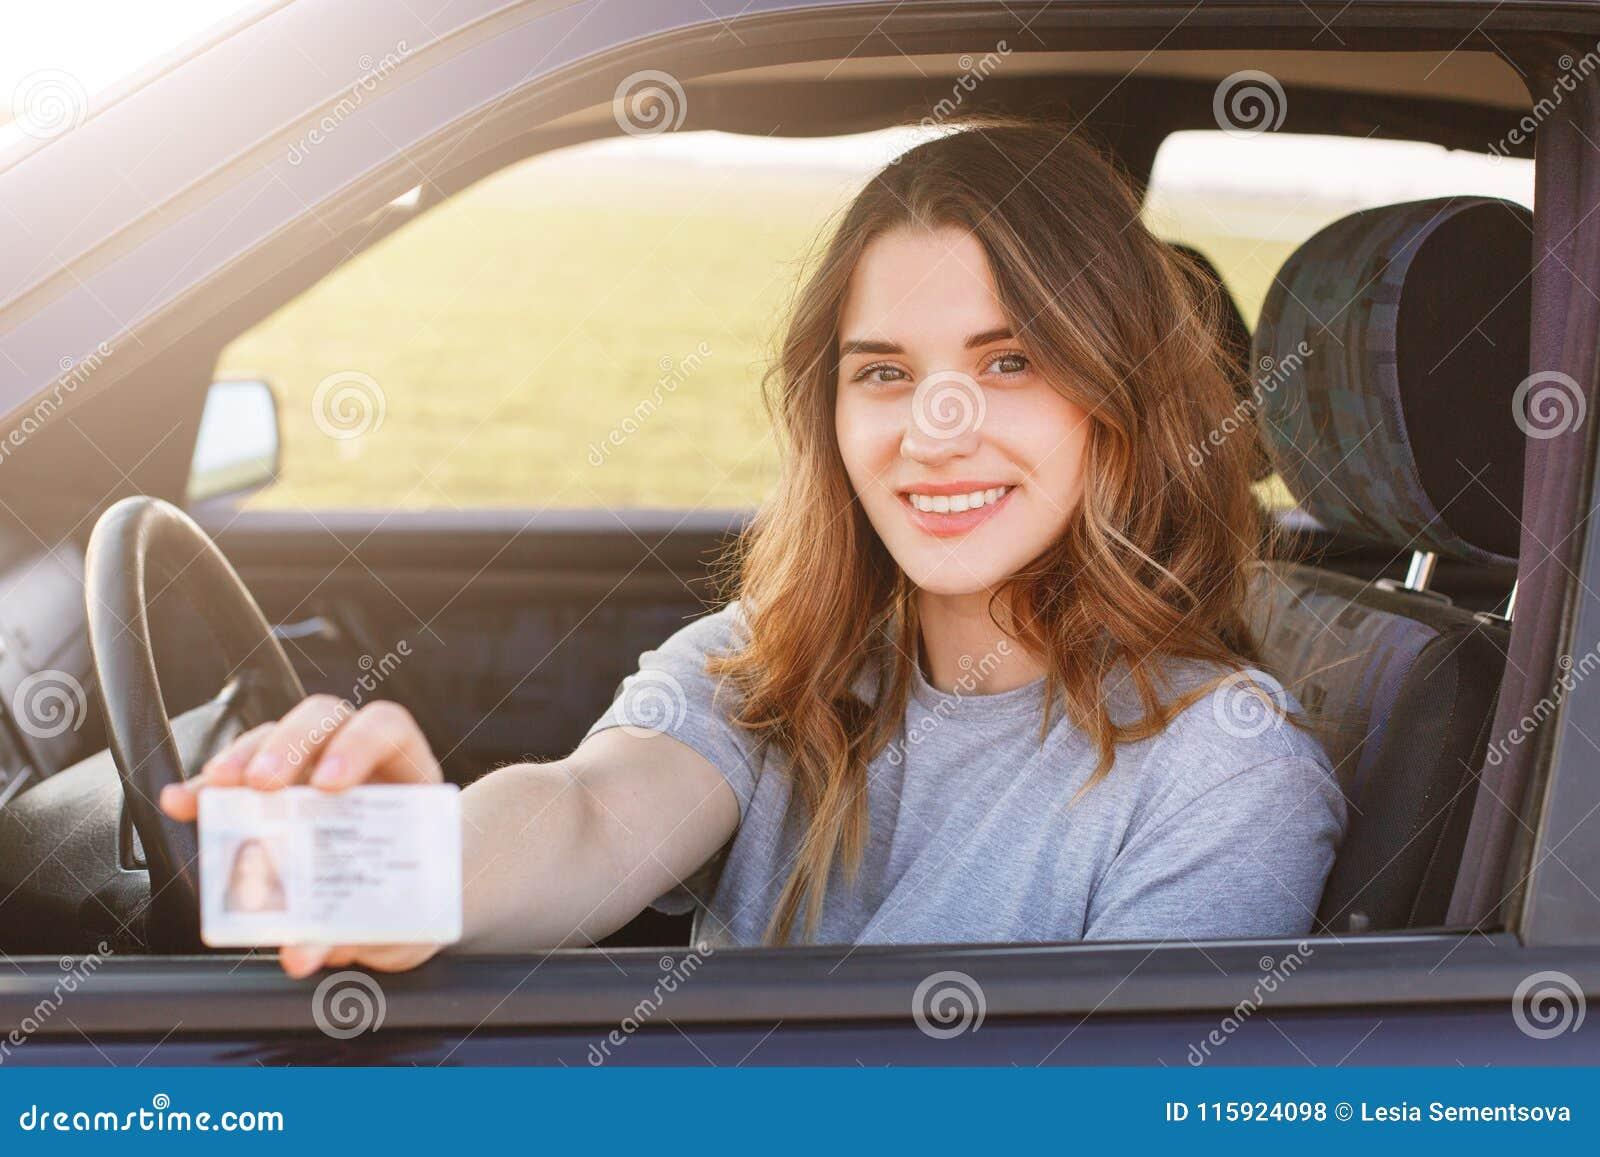 Усмехаясь молодая женщина с приятным возникновением показывает гордо ее лицензию водителей, сидит в новом автомобиле, был молодым